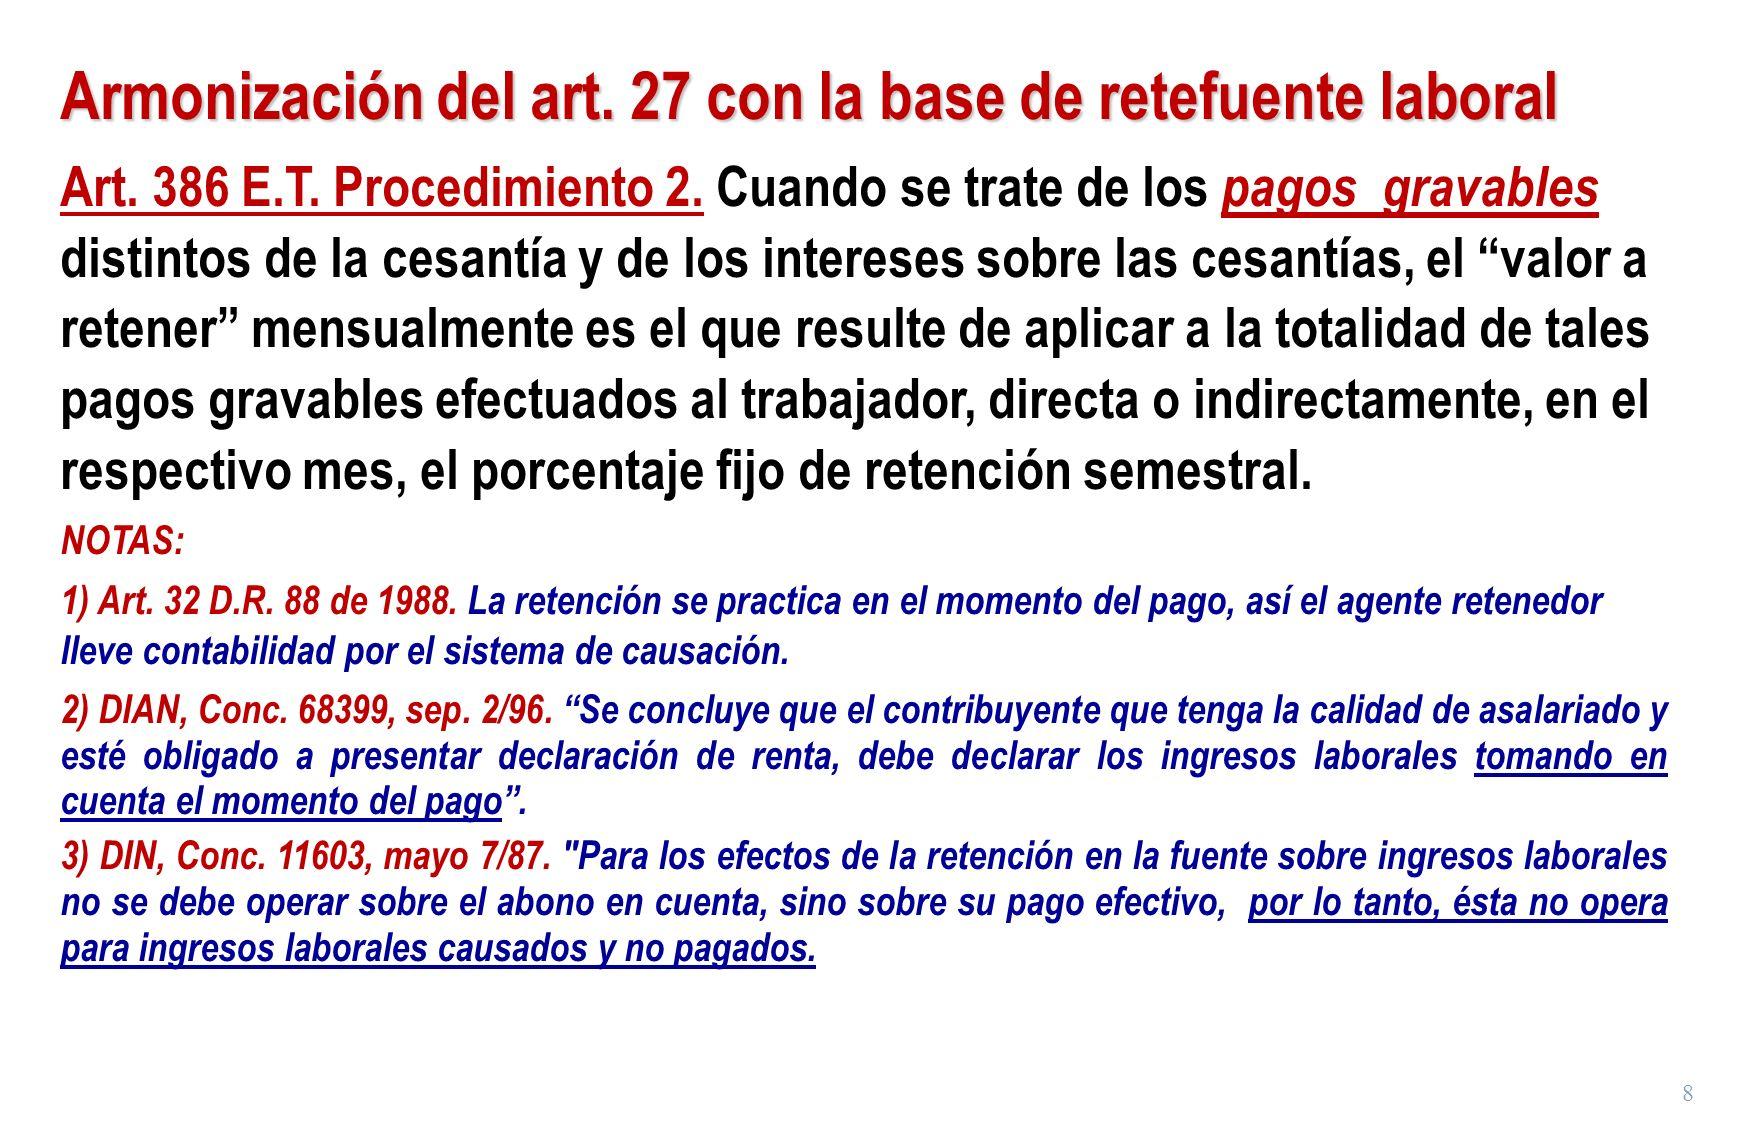 Armonización del art. 27 con la base de retefuente laboral